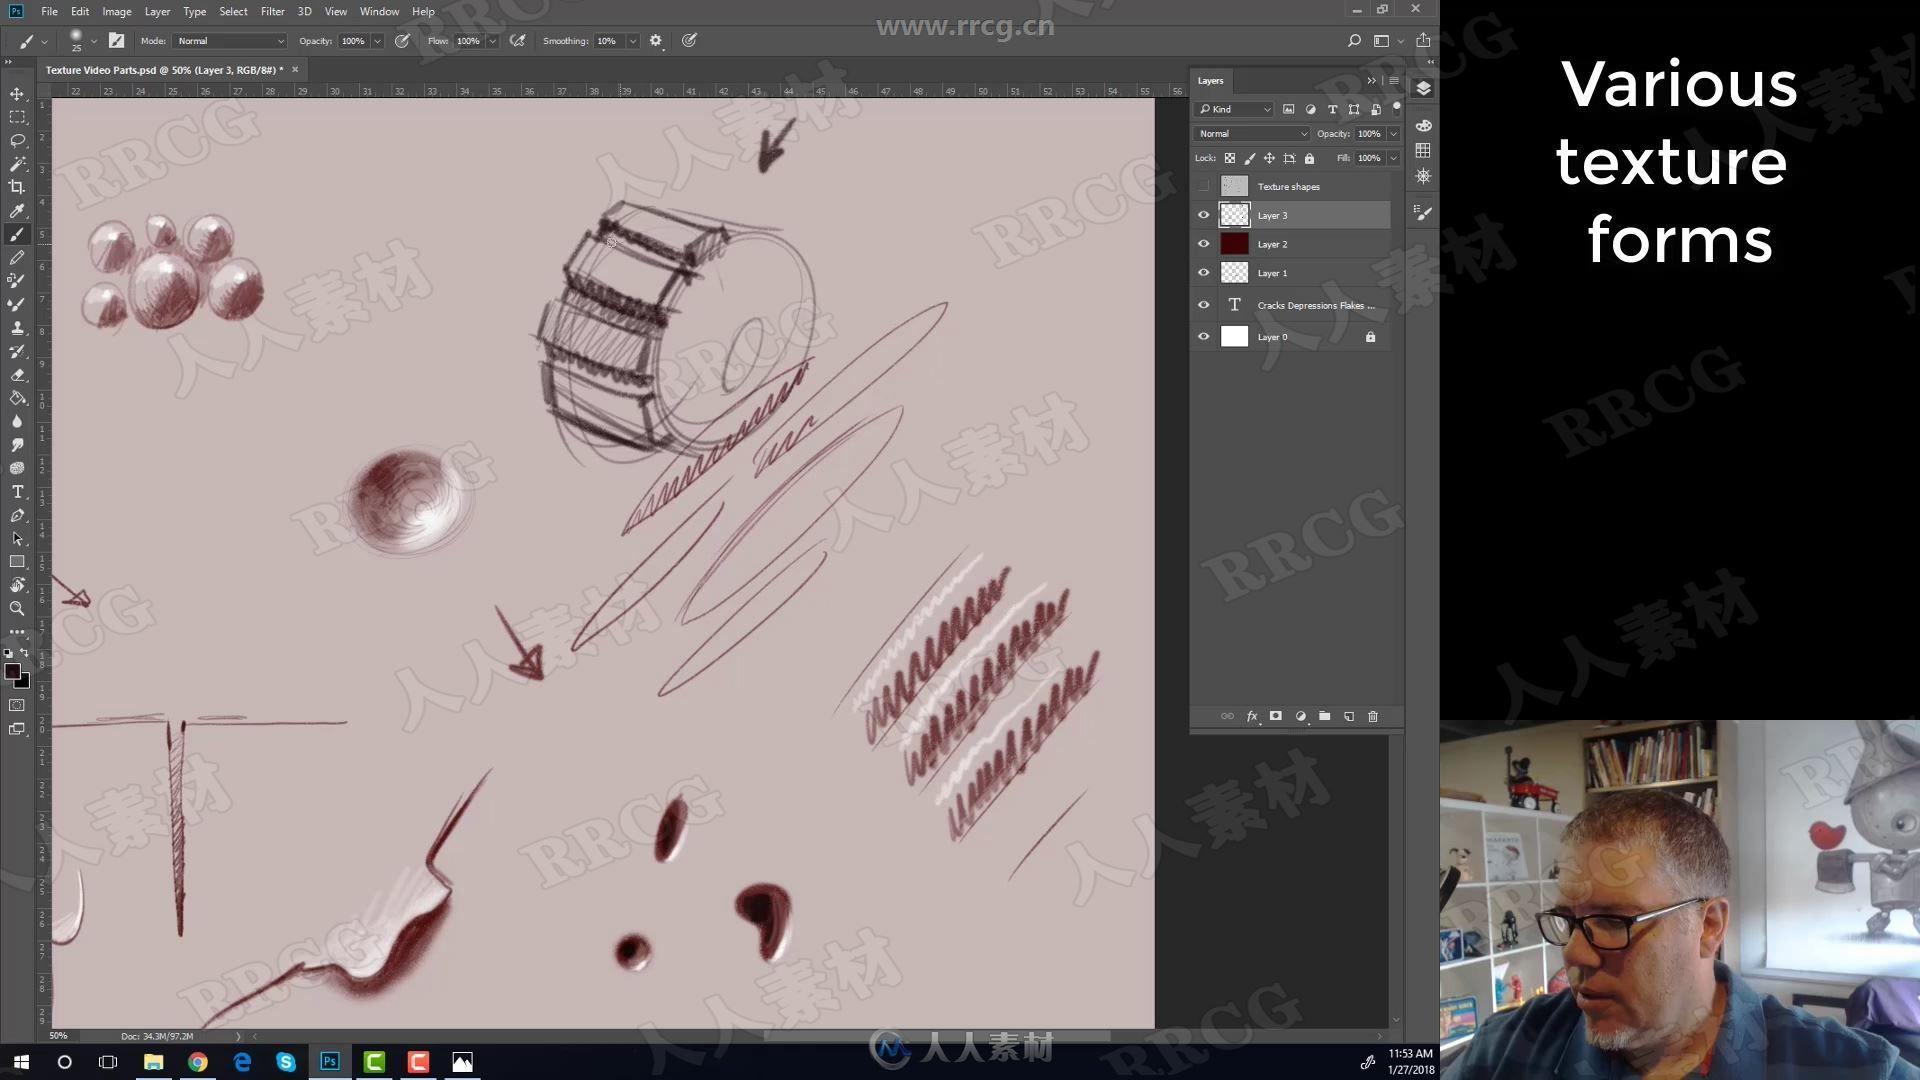 国外数字绘画纹理细节核心训练视频教程